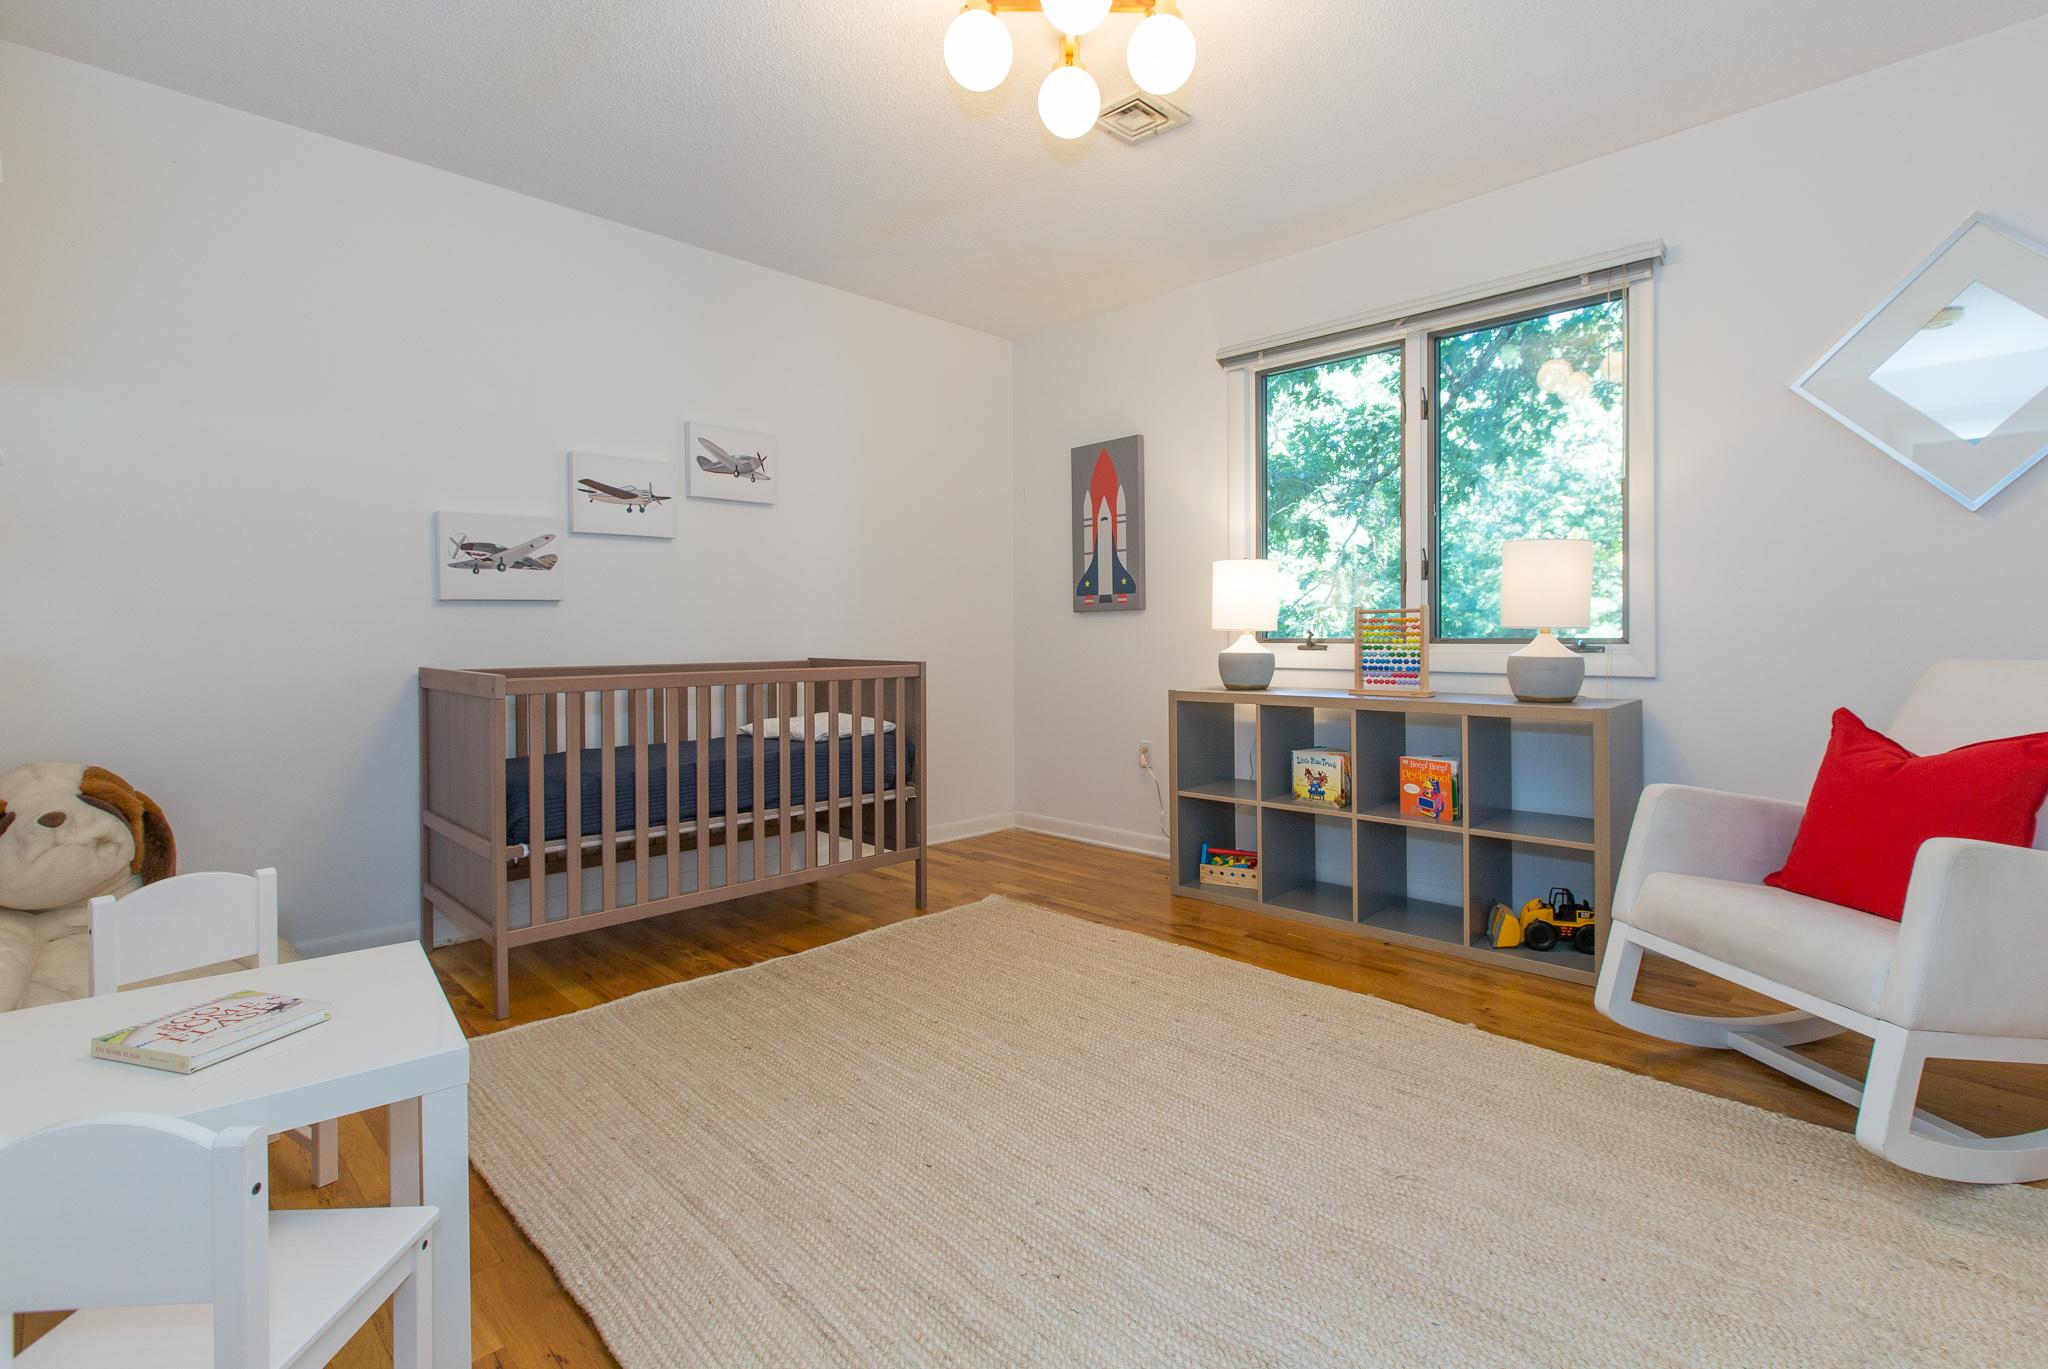 28 nursery .jpg